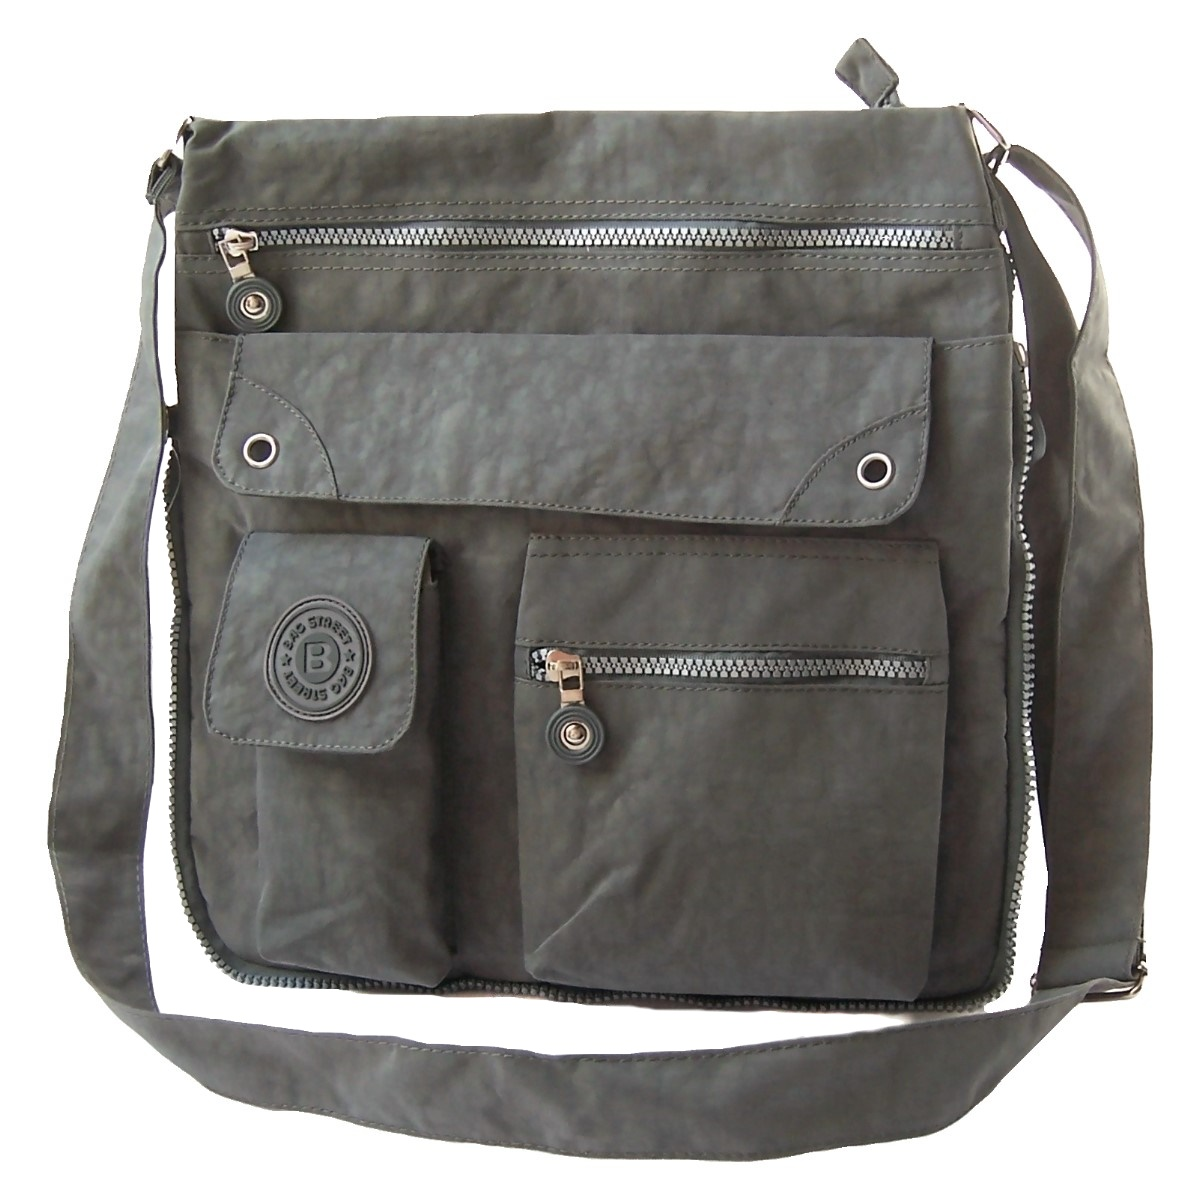 Tasche Umhängetasche Handtasche Bag Street Nylon Grau Ta7033